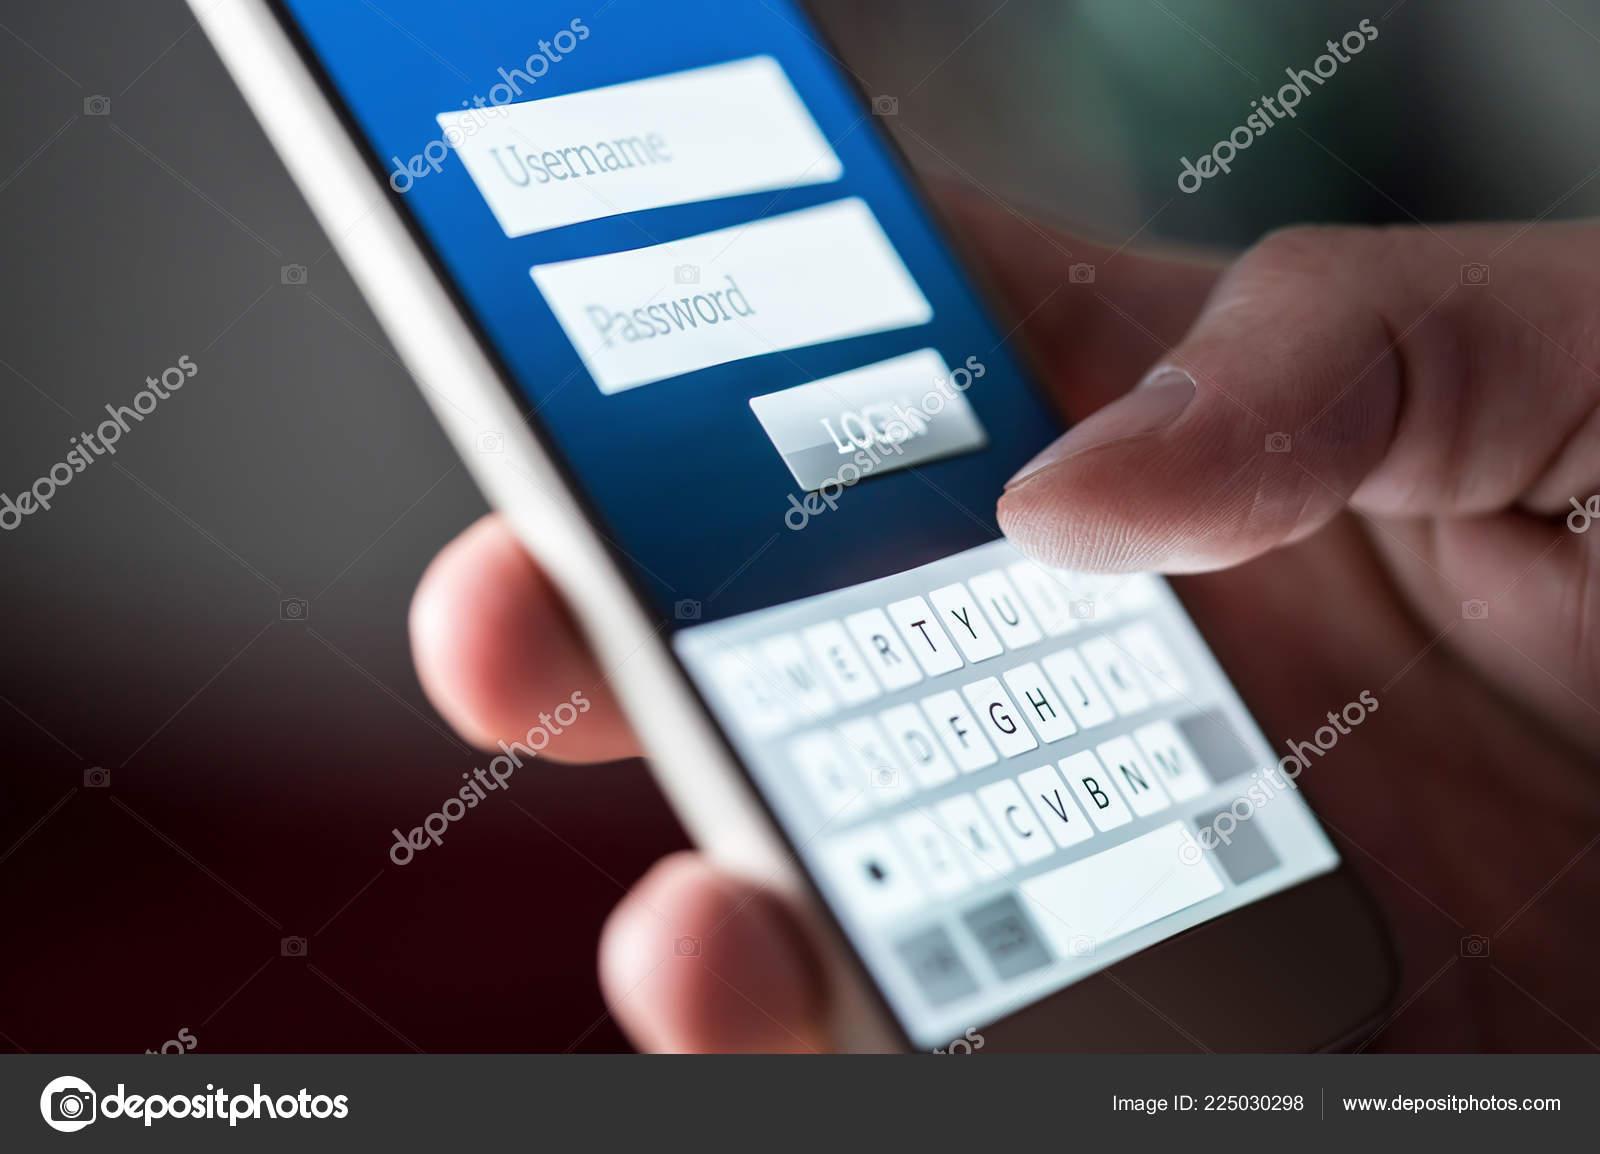 Login Screen App Website Smartphone Username Password Log